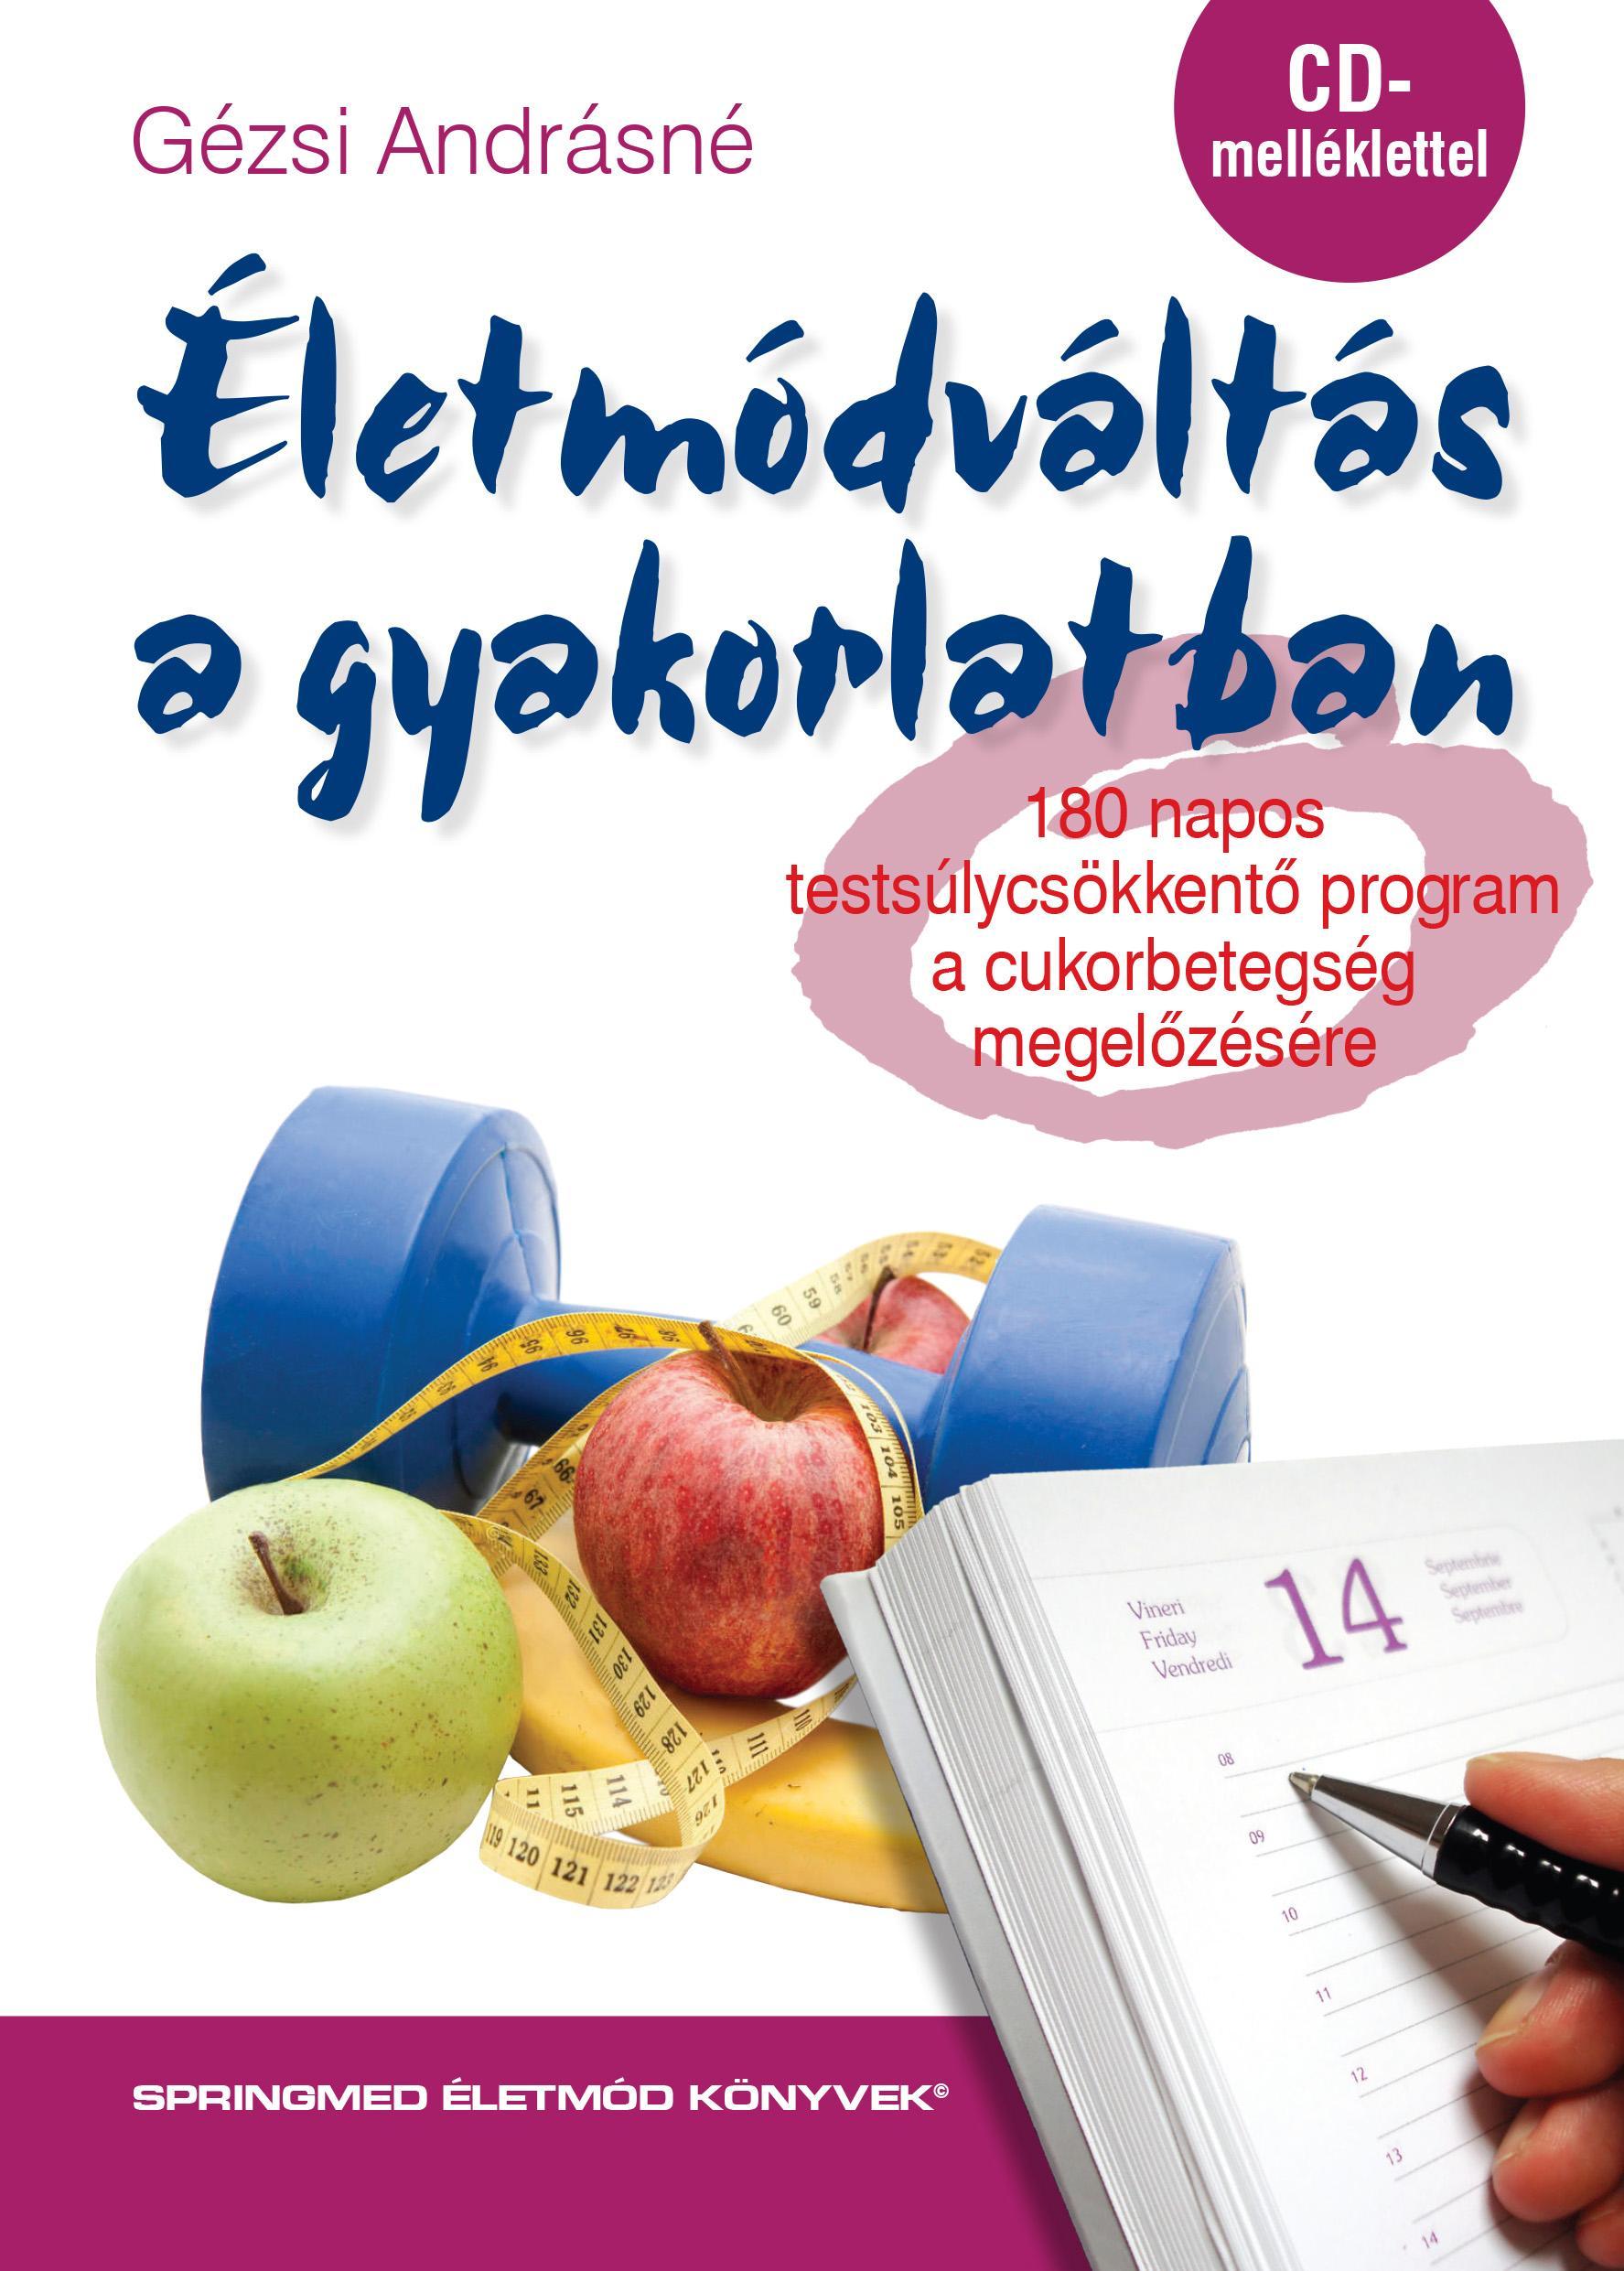 ÉLETMÓDVÁLTÁS A GYAKORLATBAN - CD MELLÉKLETTEL